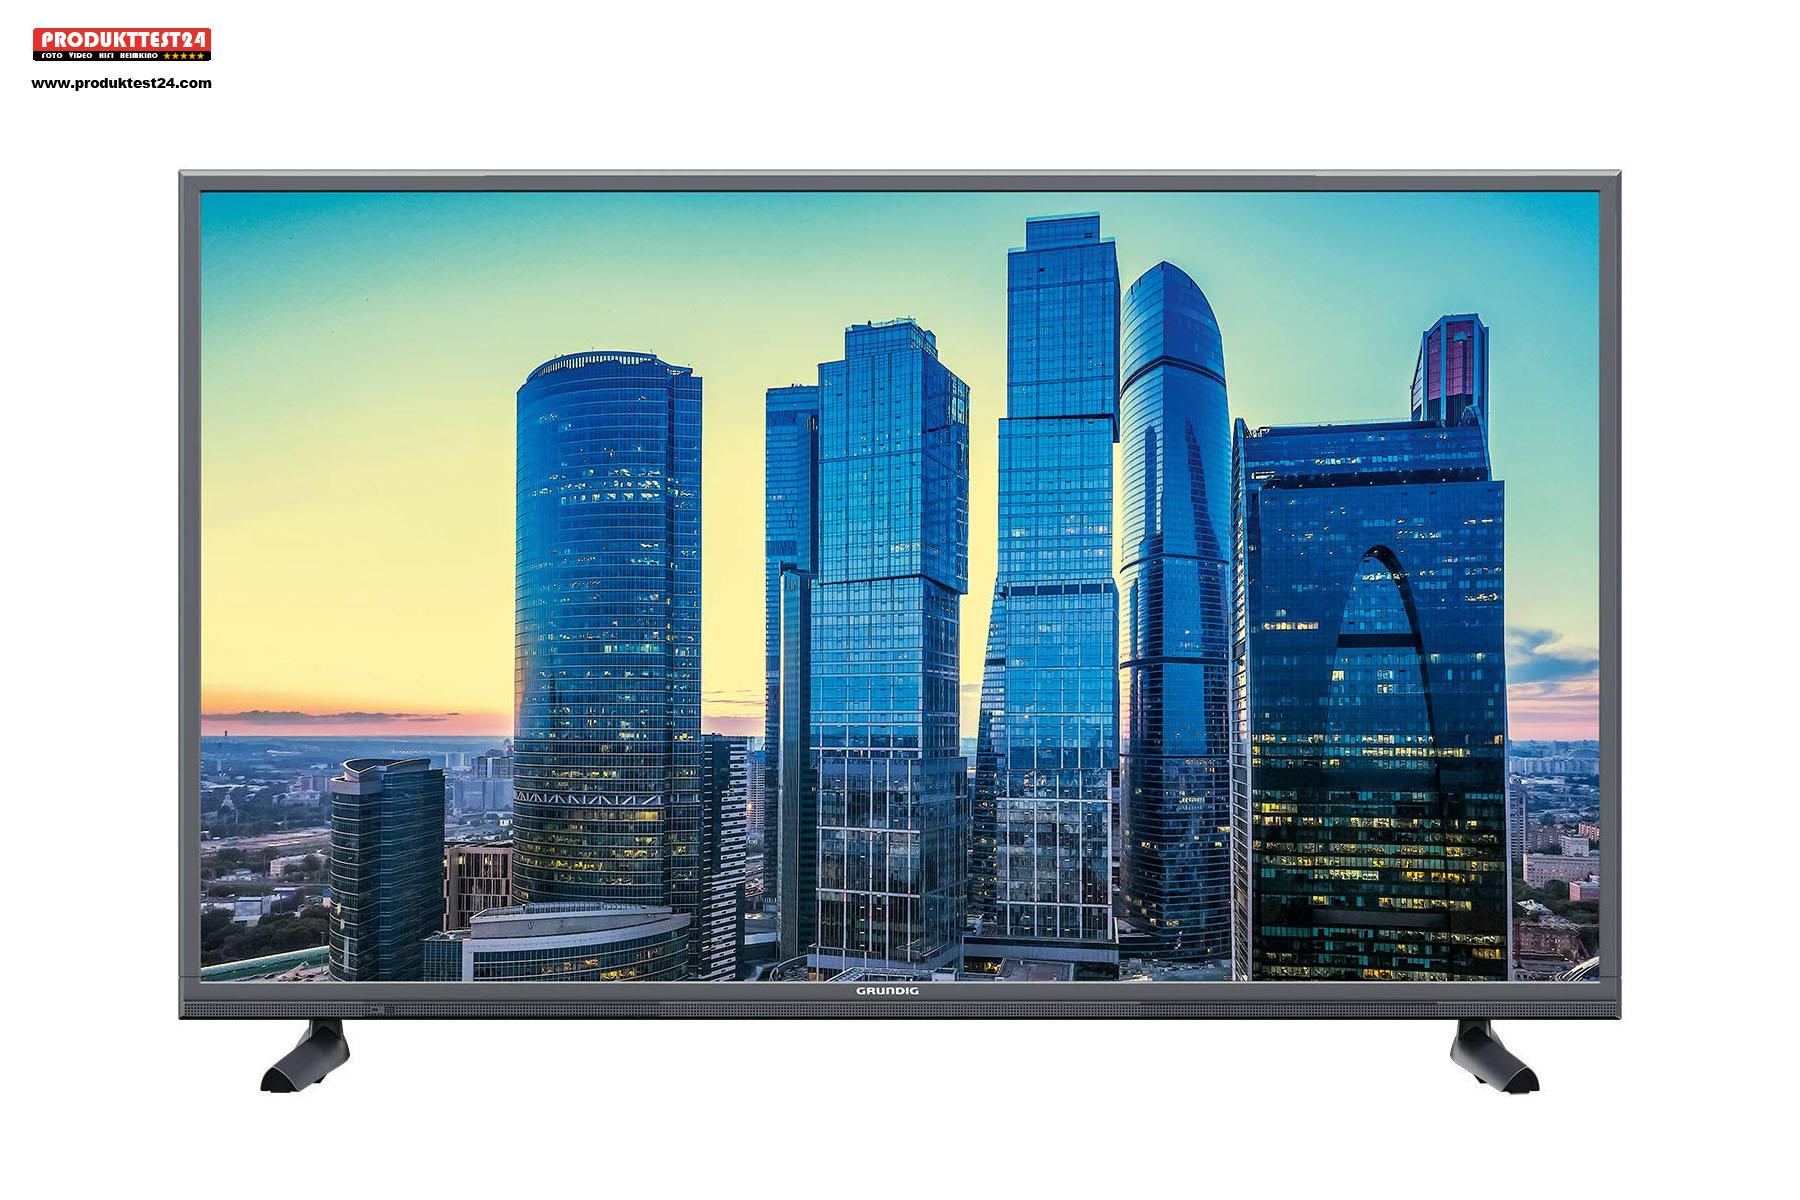 Der Grundig 4K Fernseher mit einer Bilddiagonale von 108 cm